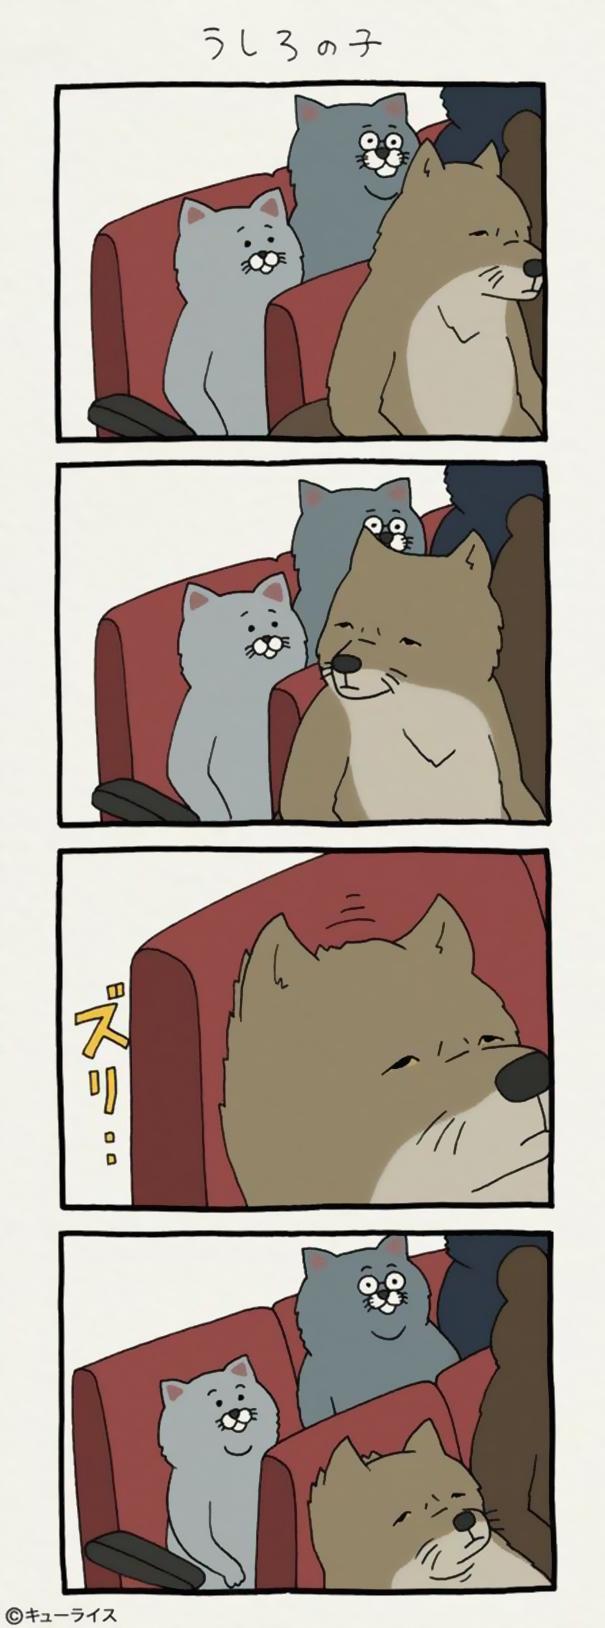 dog cartoon comics qrais japan 6 59895b2cd40a5  605 - 우울한 당신을 웃게 해줄 '착한 티벳 여우' 4컷 만화